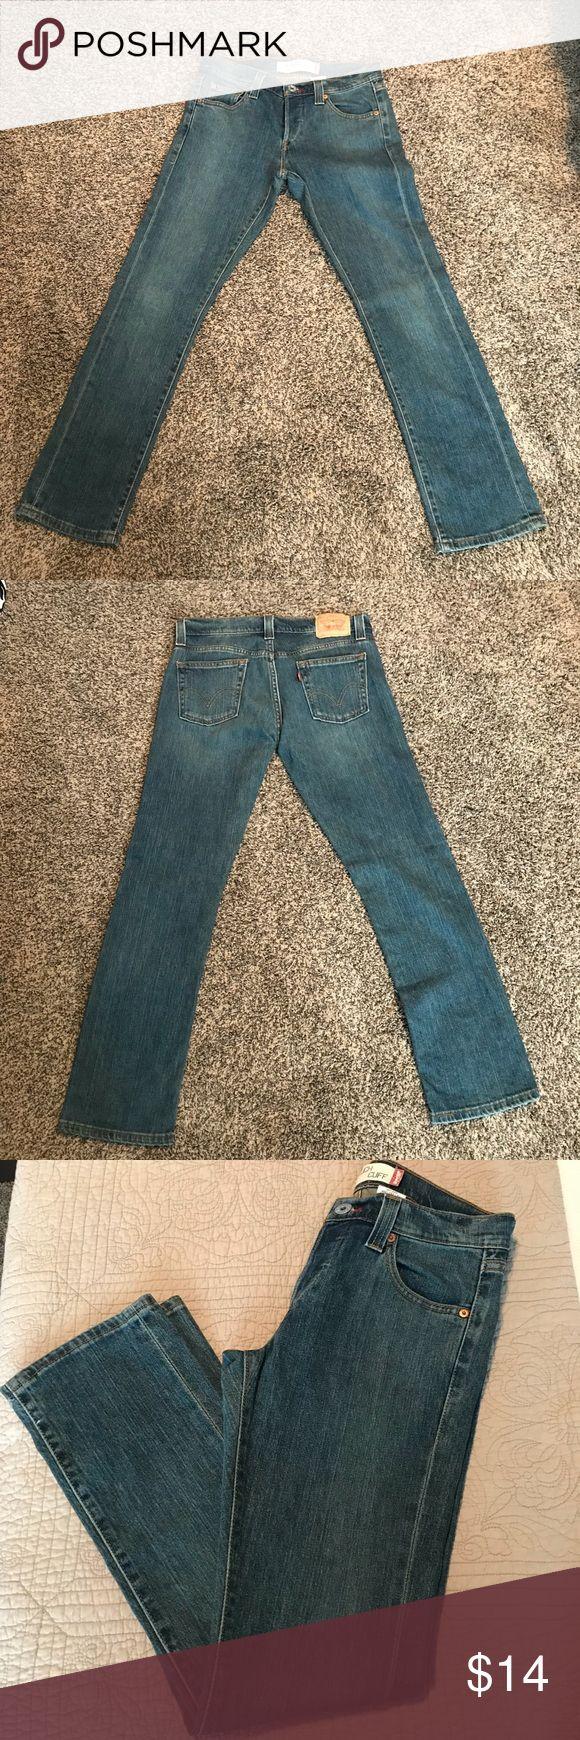 Levi's low slouch 508 cuff Sz 7m NWOT Levi's low slouch 508 cuff Sz 7m button up fly. NWOT Levi's Jeans Boot Cut